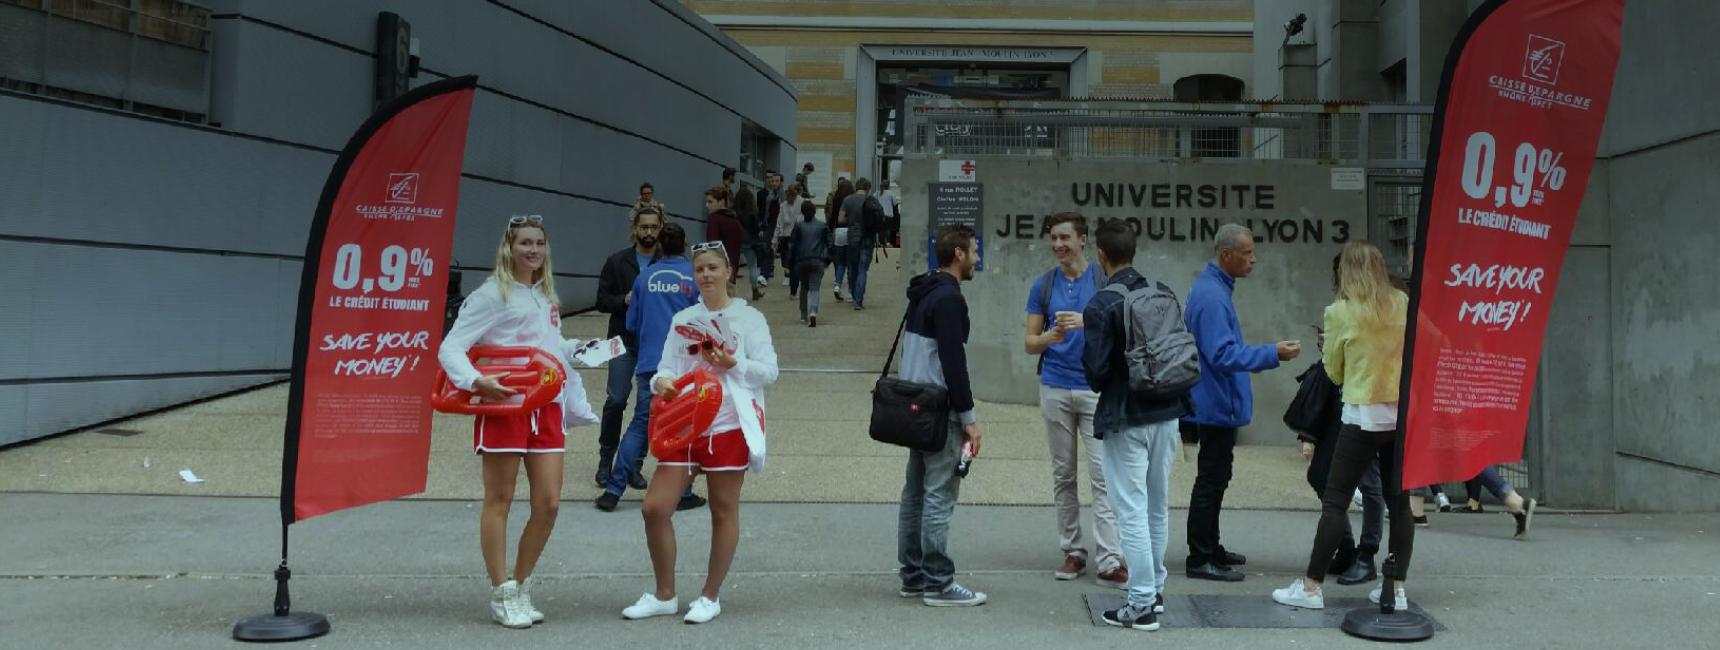 Campus Media, communiquez aupres des etudiants - Keemia Toulouse Agence marketing local en région Occitanie